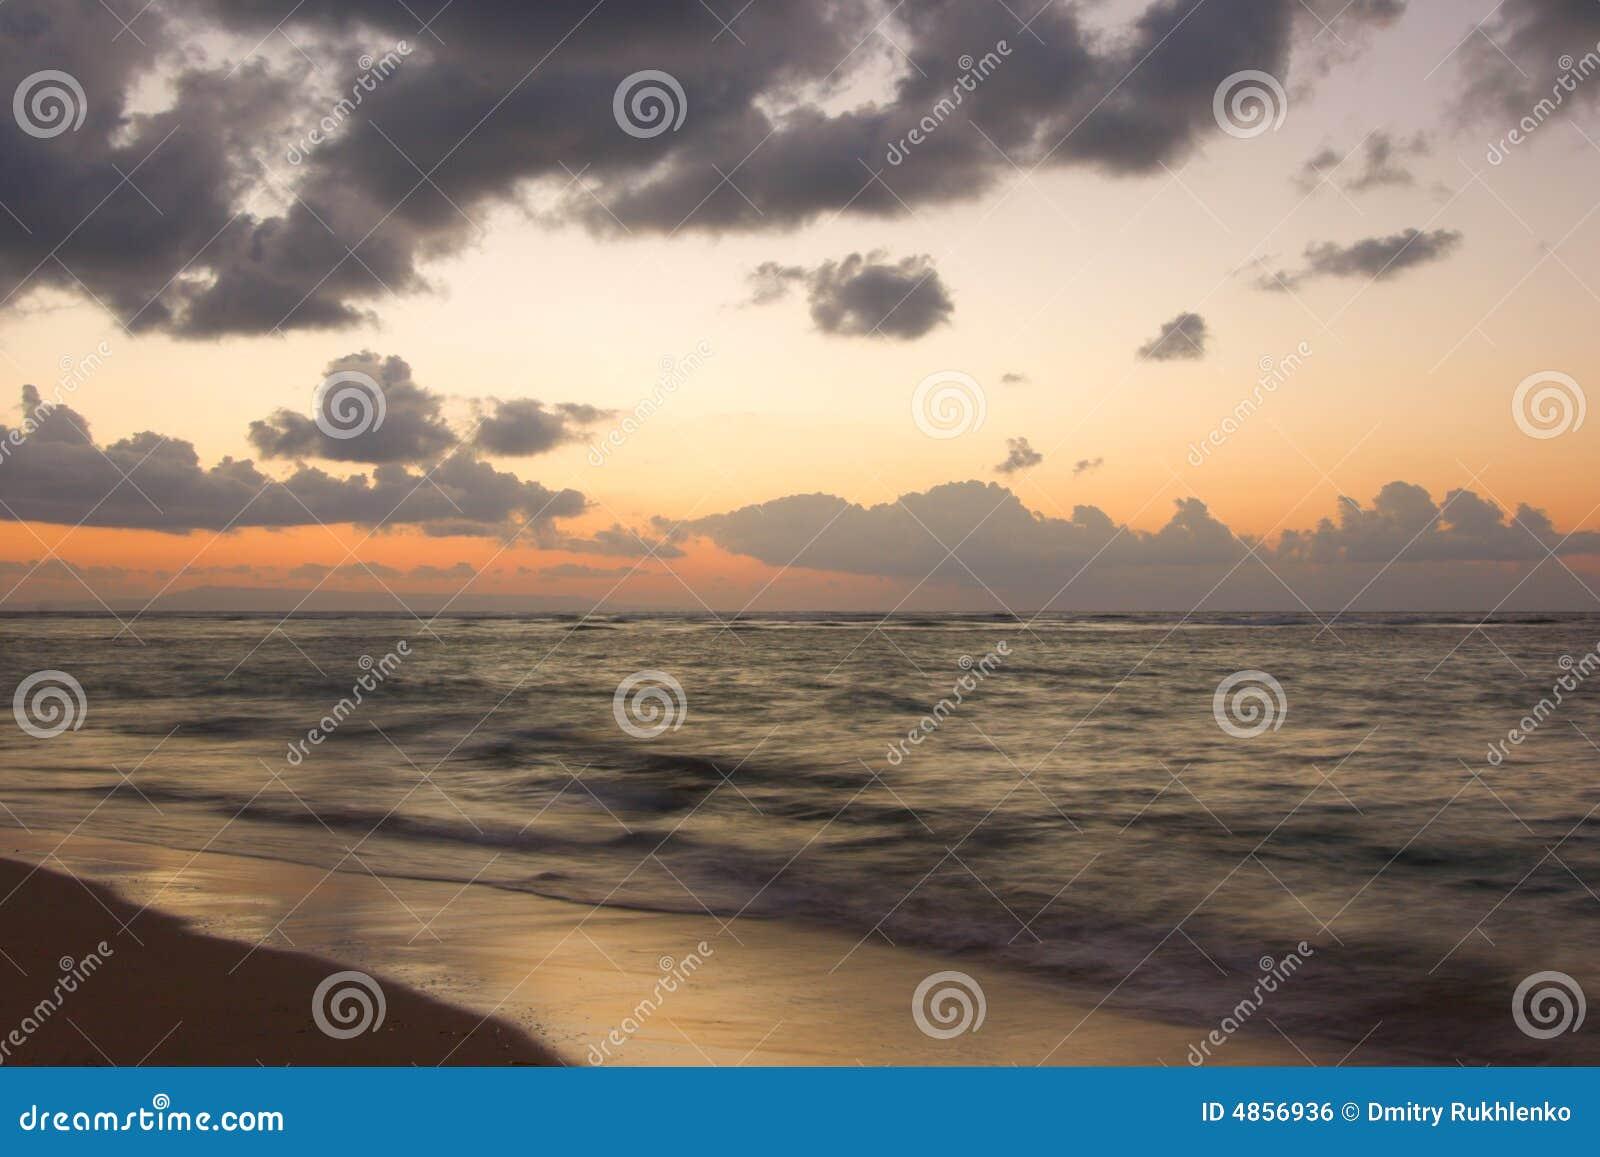 Oceaan en strand op tropische zonsopgang